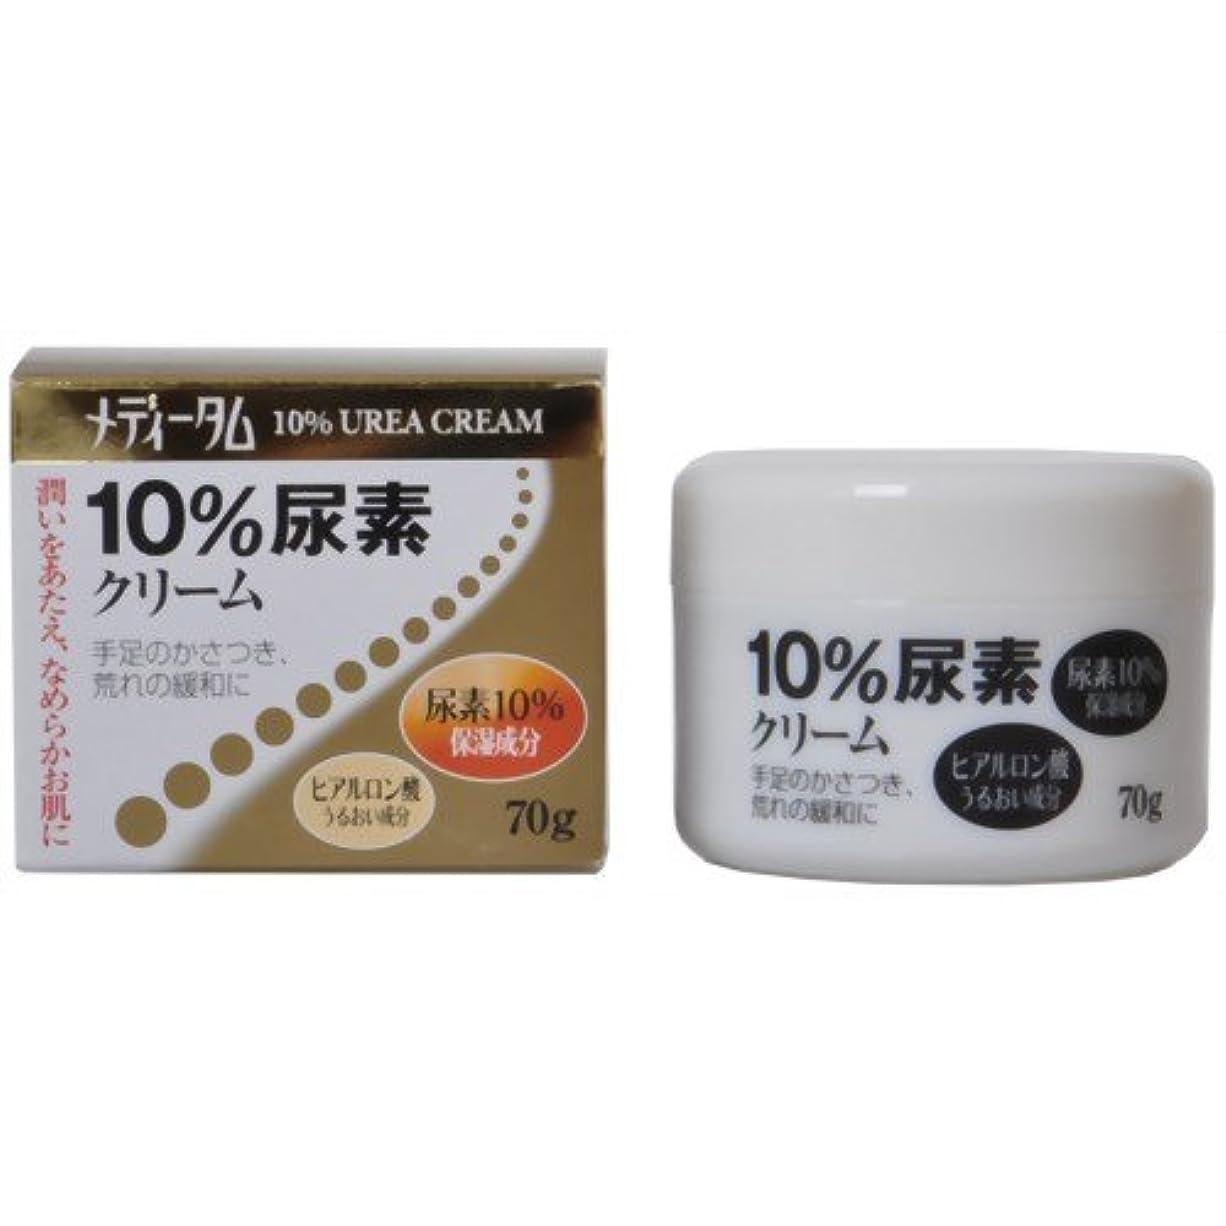 地震エレガント木製メディータム 10%尿素クリーム 70g